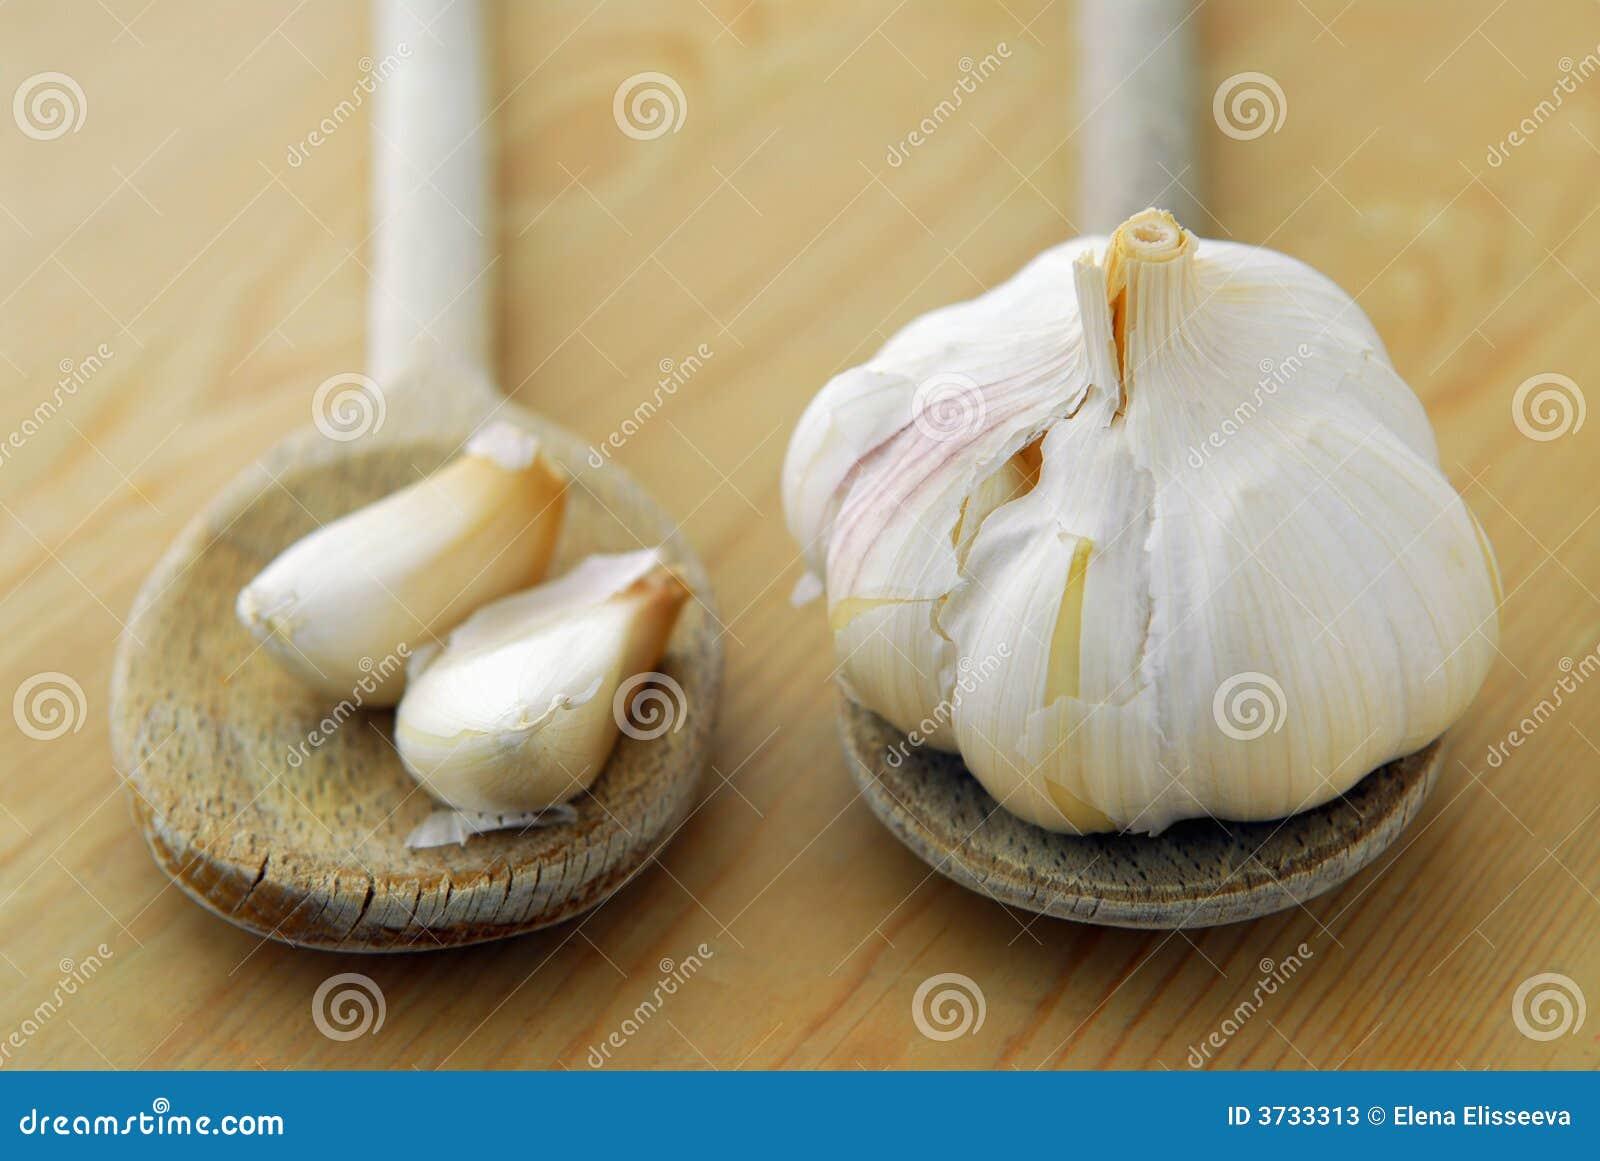 Garlics et cuillères